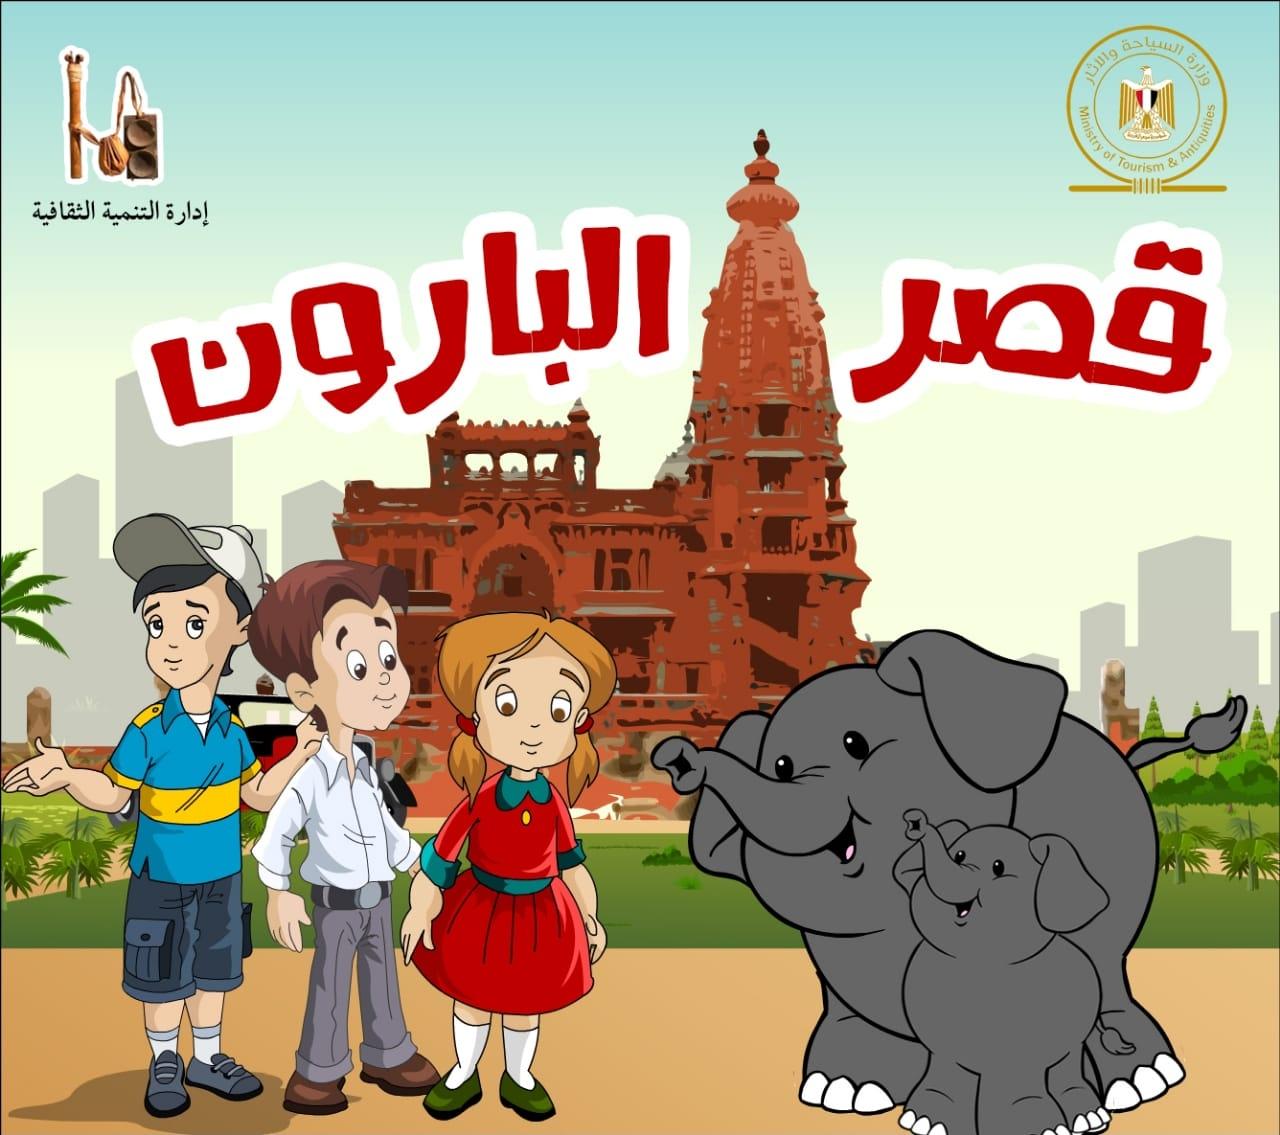 السياحة تصدر كتيباً للأطفال لتعريفهم بقصر البارون وتراث وحضارة بلادهم